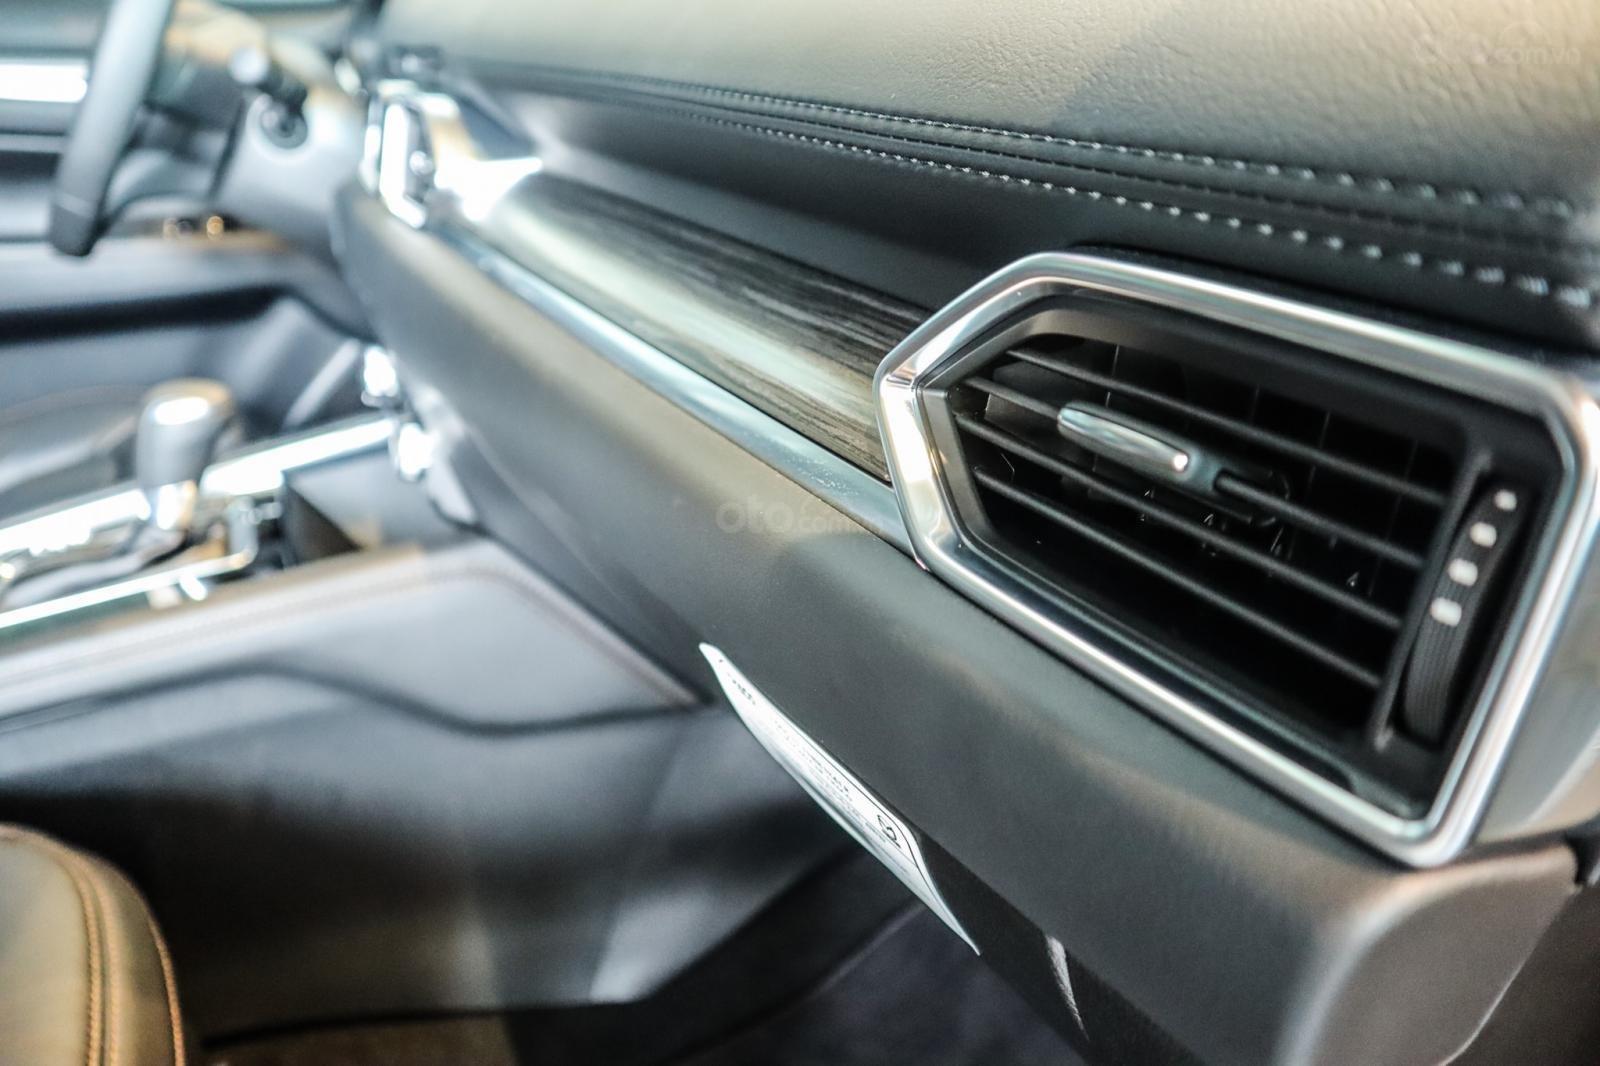 Mazda CX5 giá từ 849 triệu, xe giao ngay, đủ màu, phiên bản, liên hệ ngay với chúng tôi để nhận được ưu đãi tốt nhất (8)